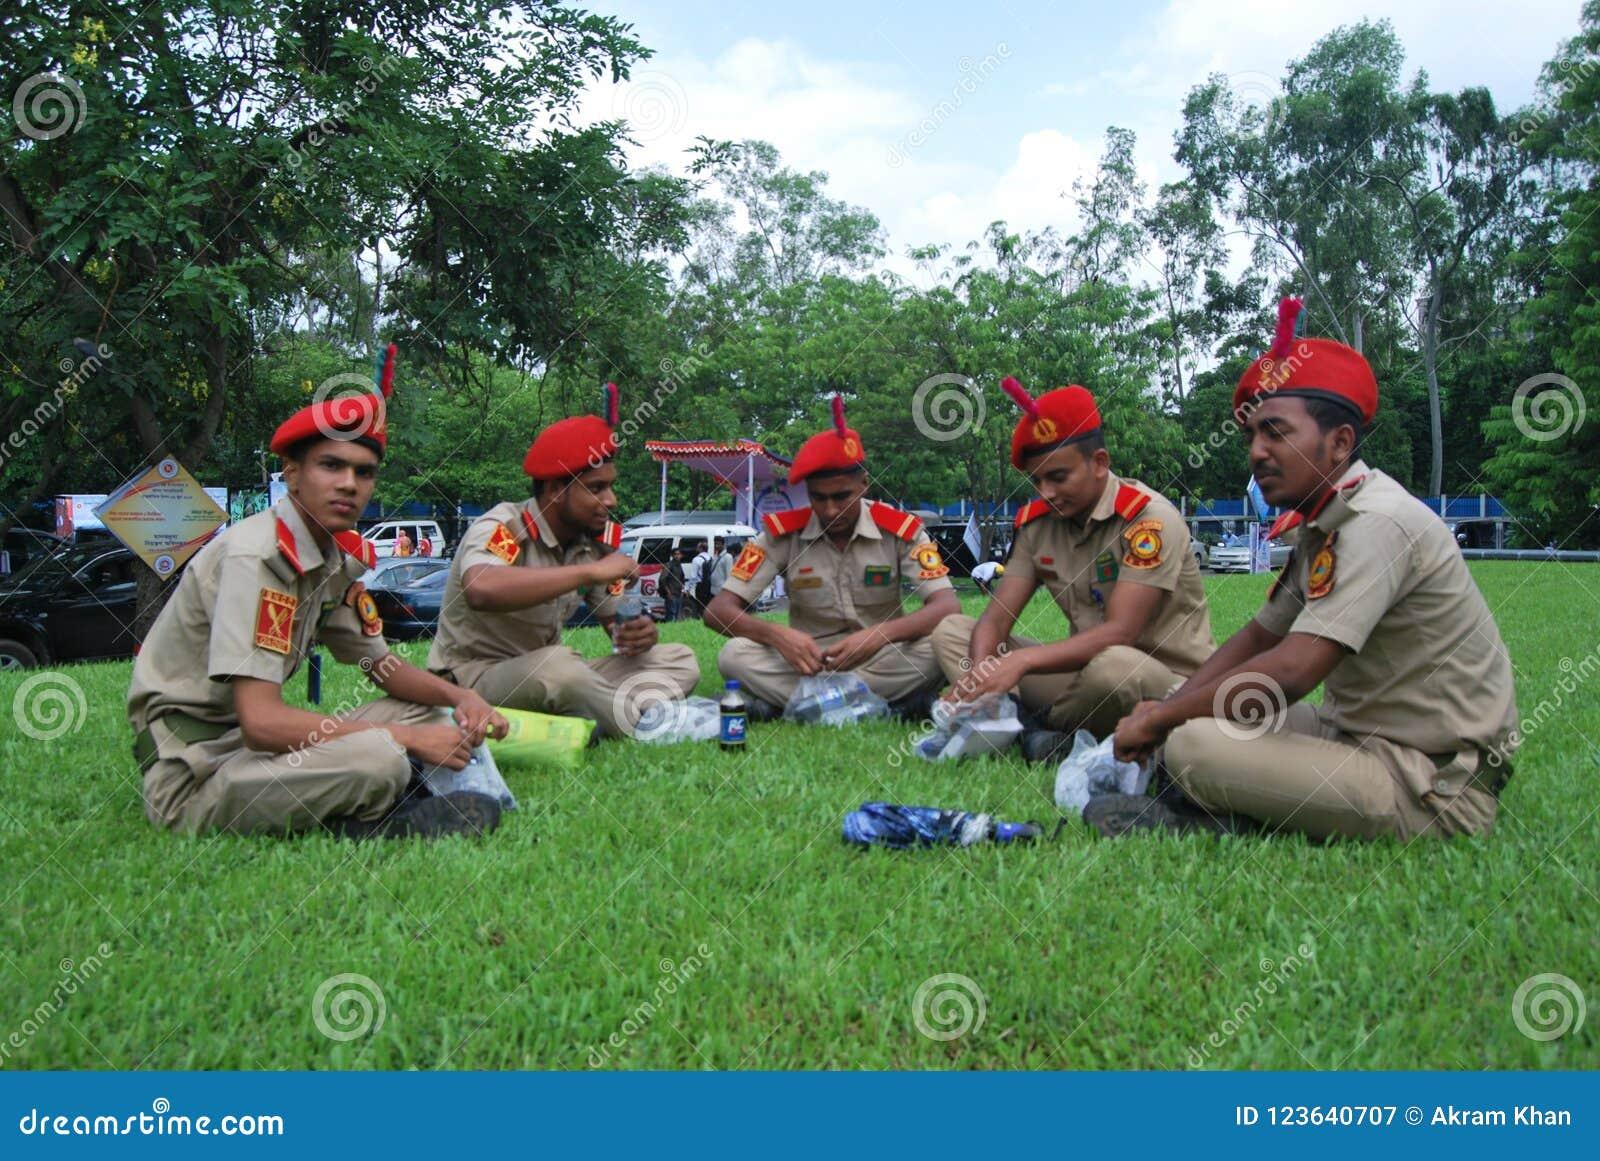 Das nationale Kadett-Korps BNCC Bangladeschs ist eine Dreiservice-Organisation, welche die Armee, die Marine und die Luftwaffe fü